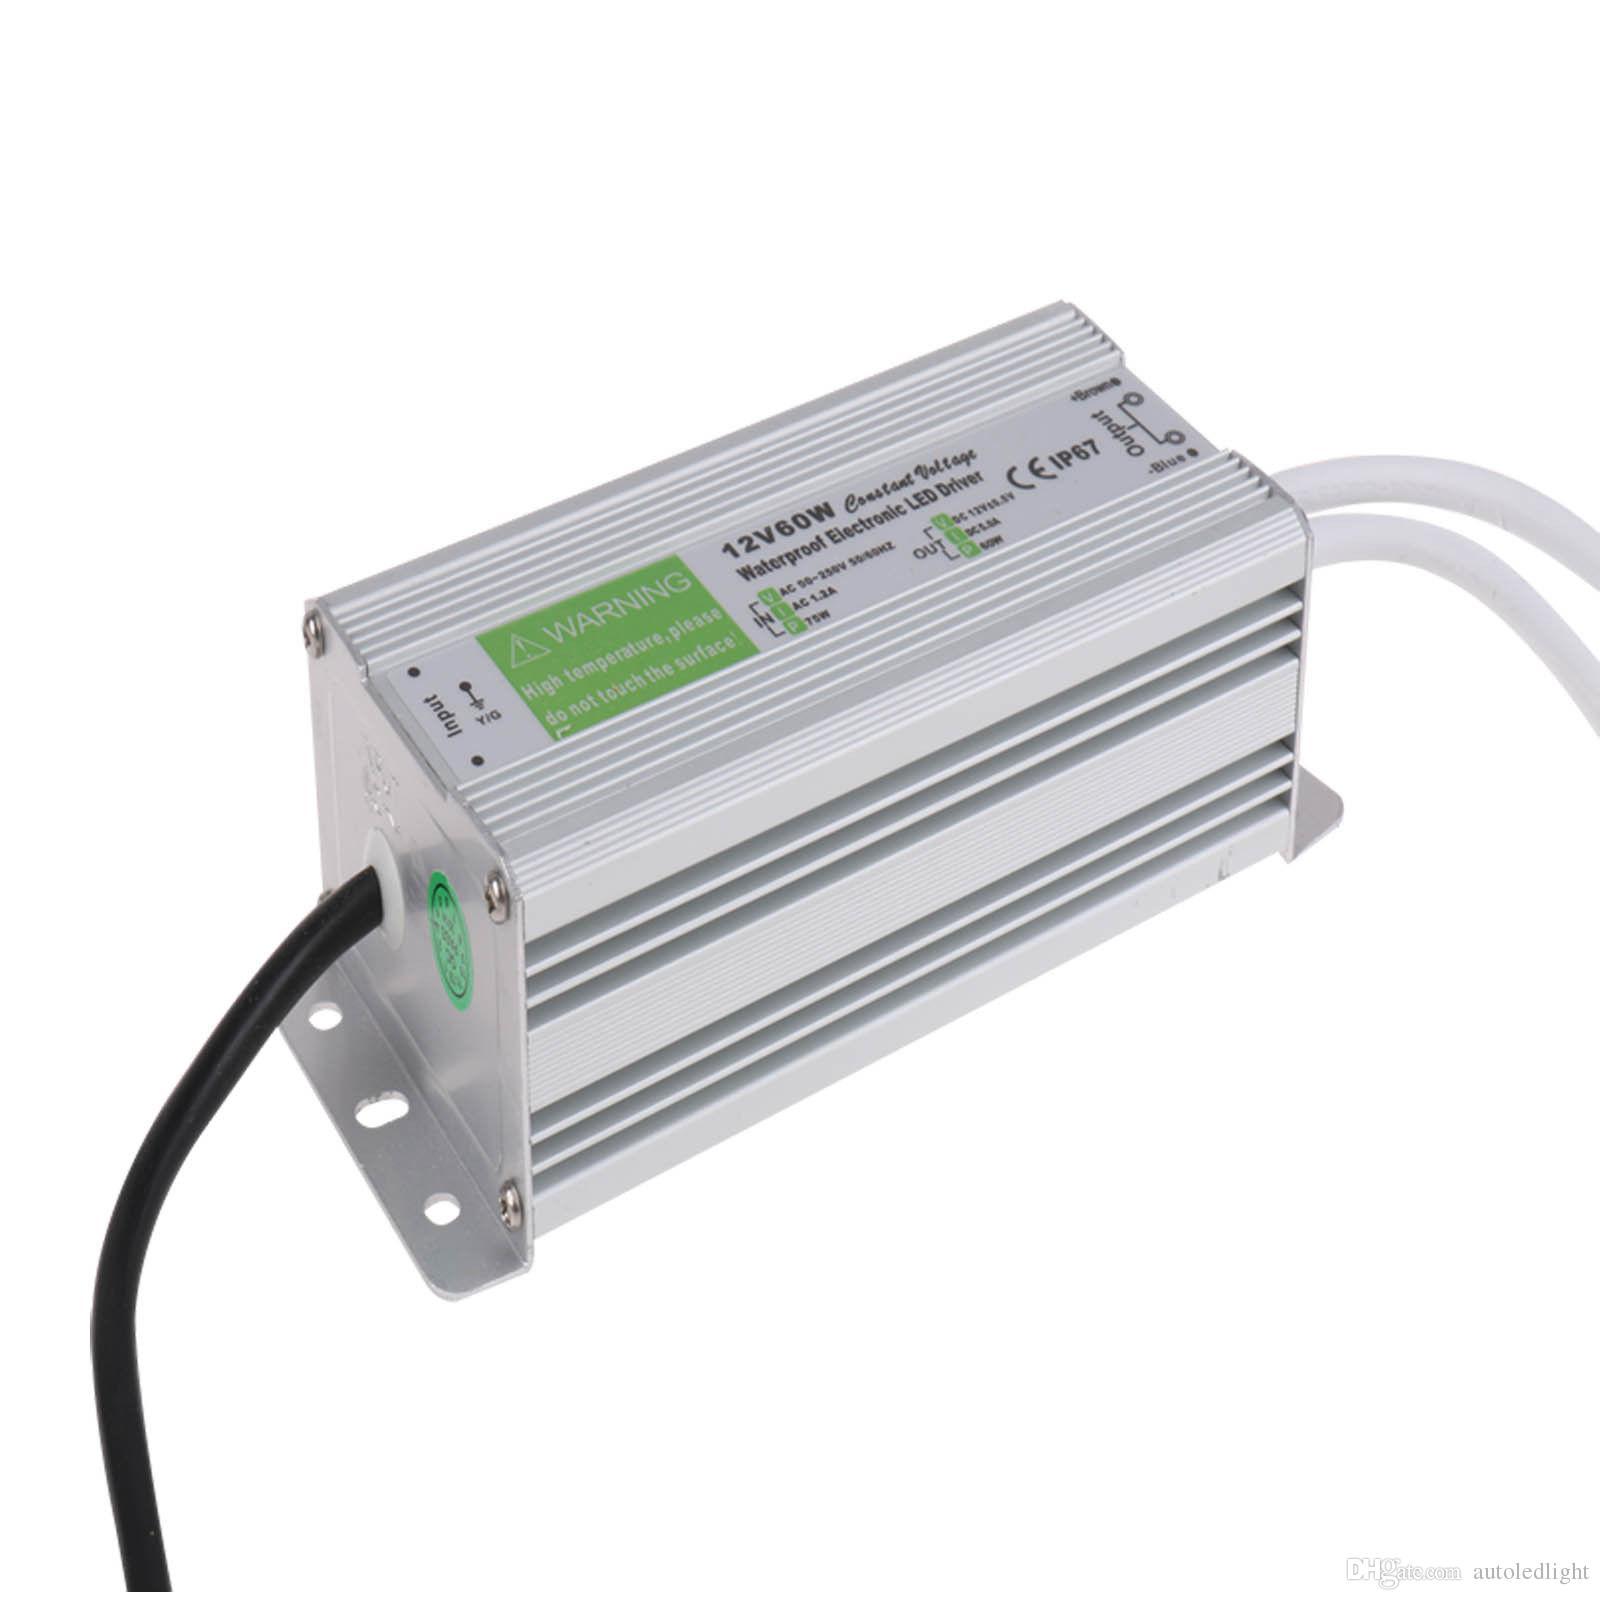 12V 200W 150W 100W 60W 45W 30W 20W 10W LED Driver Power Supply Waterproof Outdoor IP67